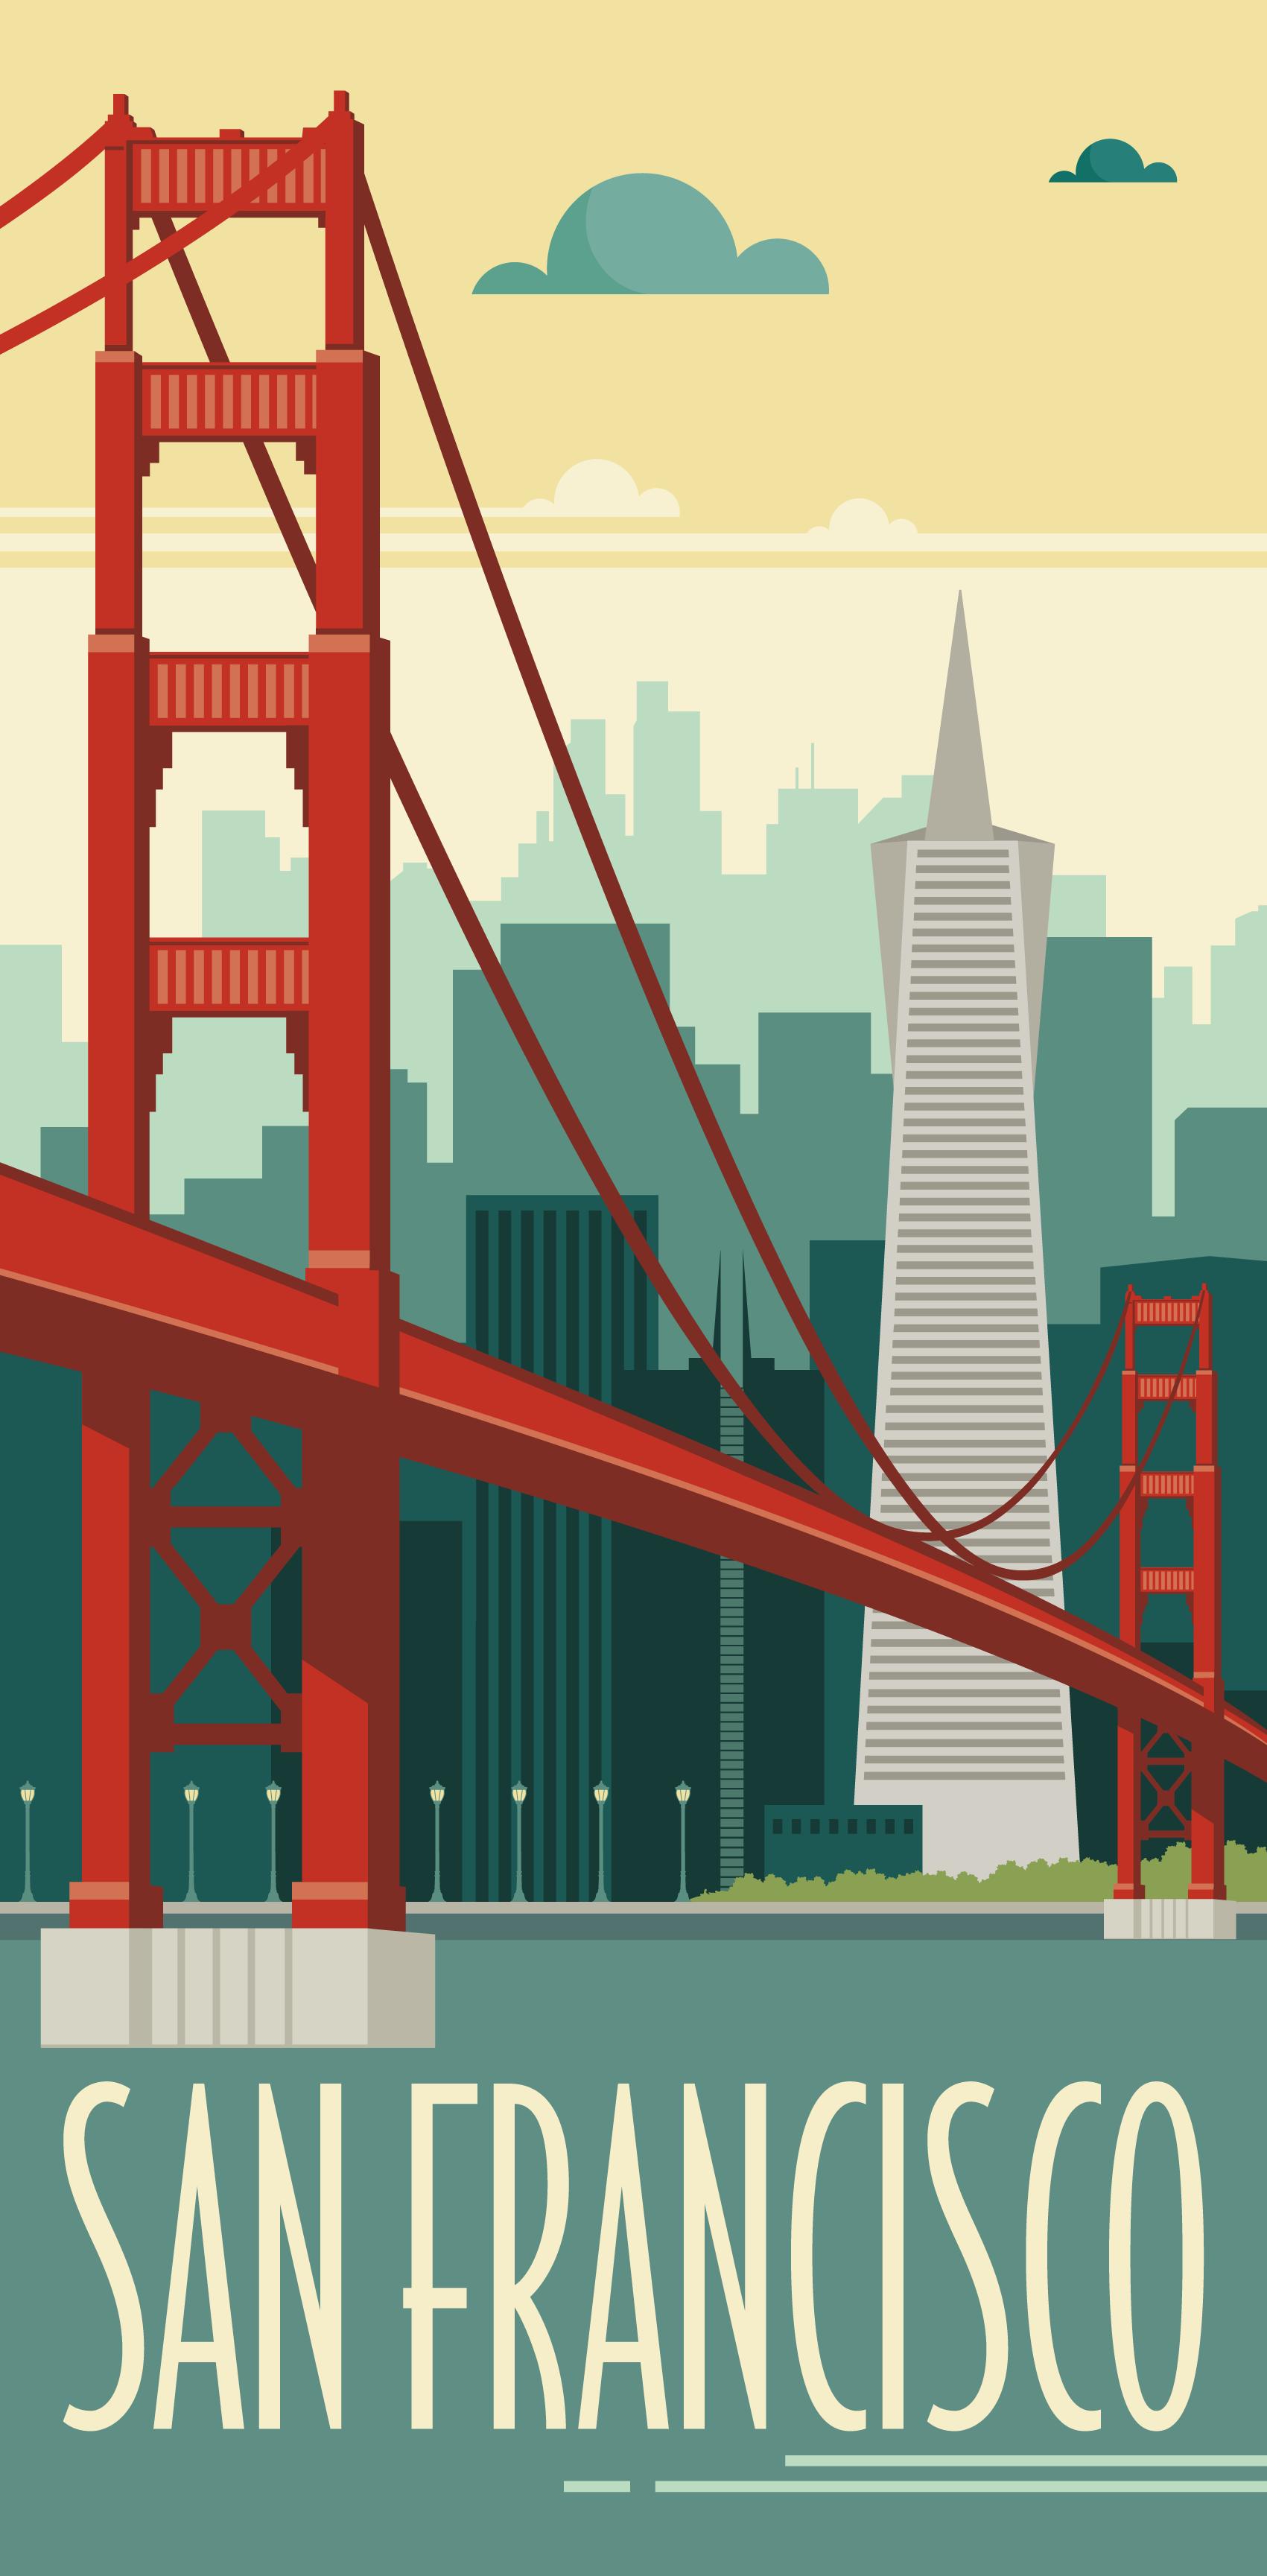 KAKÉMONODÉCO , Illustration La ville de San Francisco revisité en mode  vintage dans un style graphique